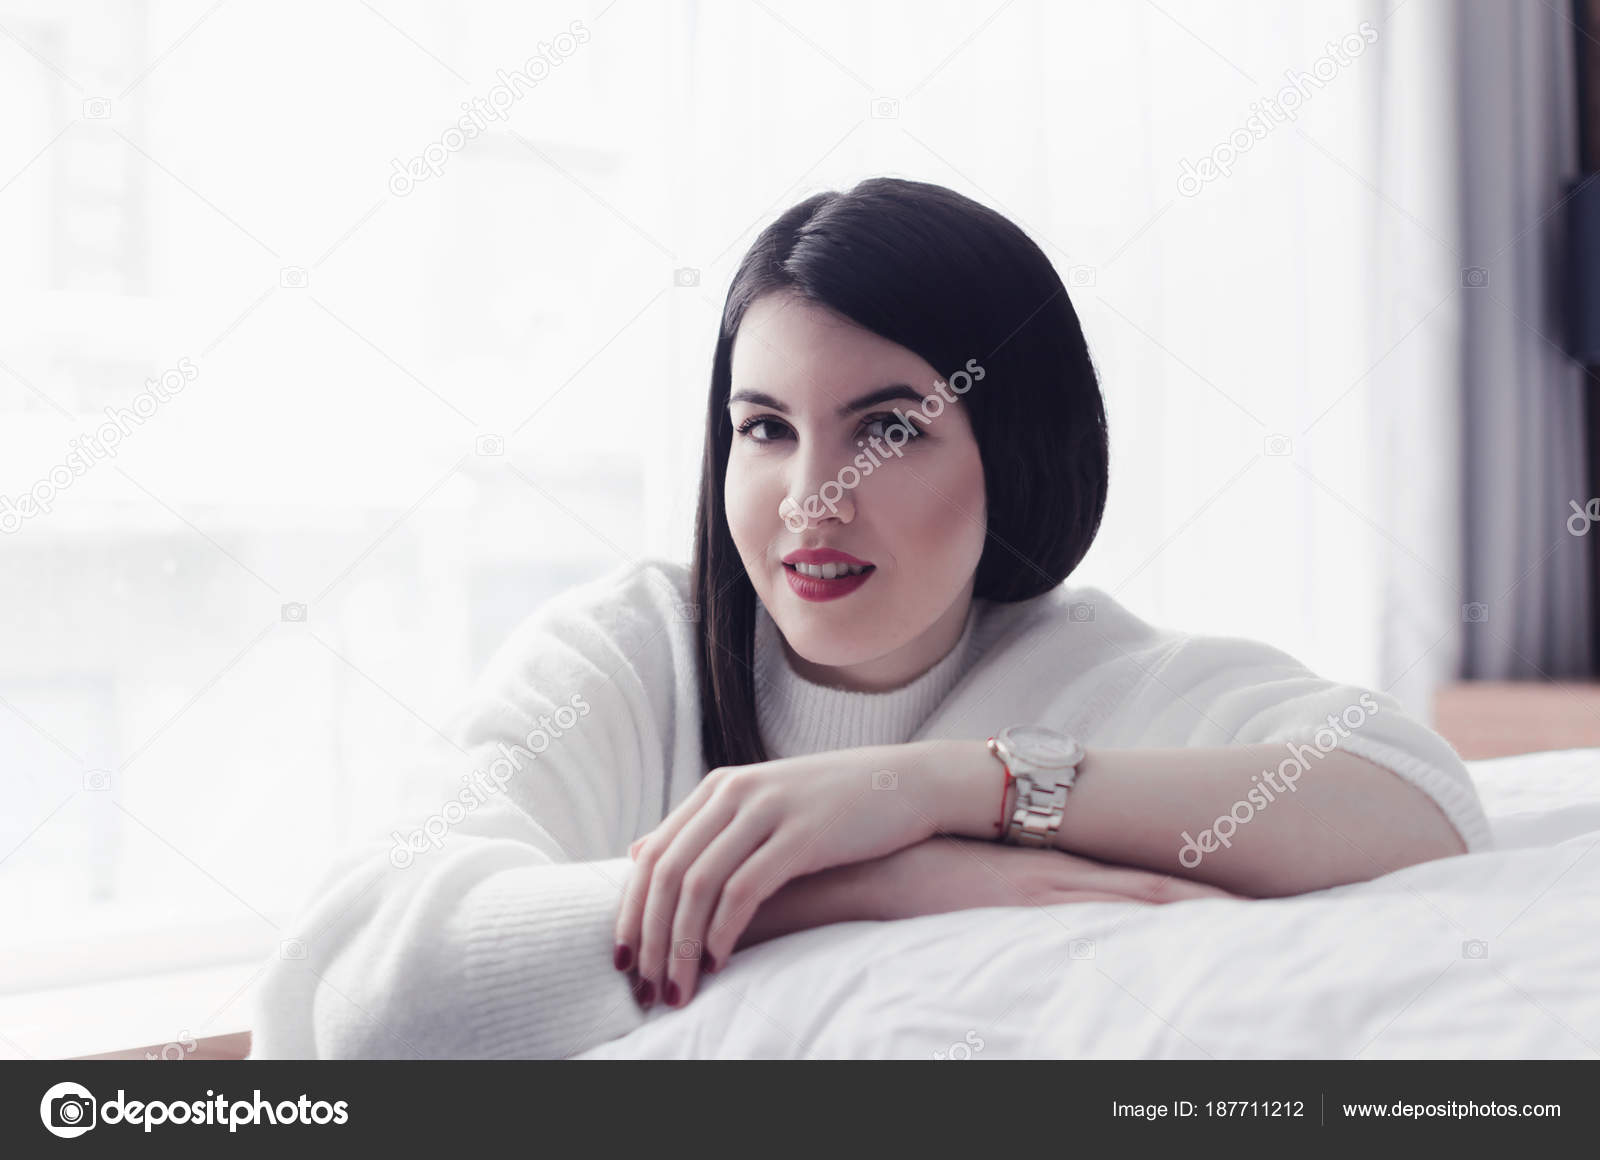 Смотреть фото модель по русски под юбкой предложила